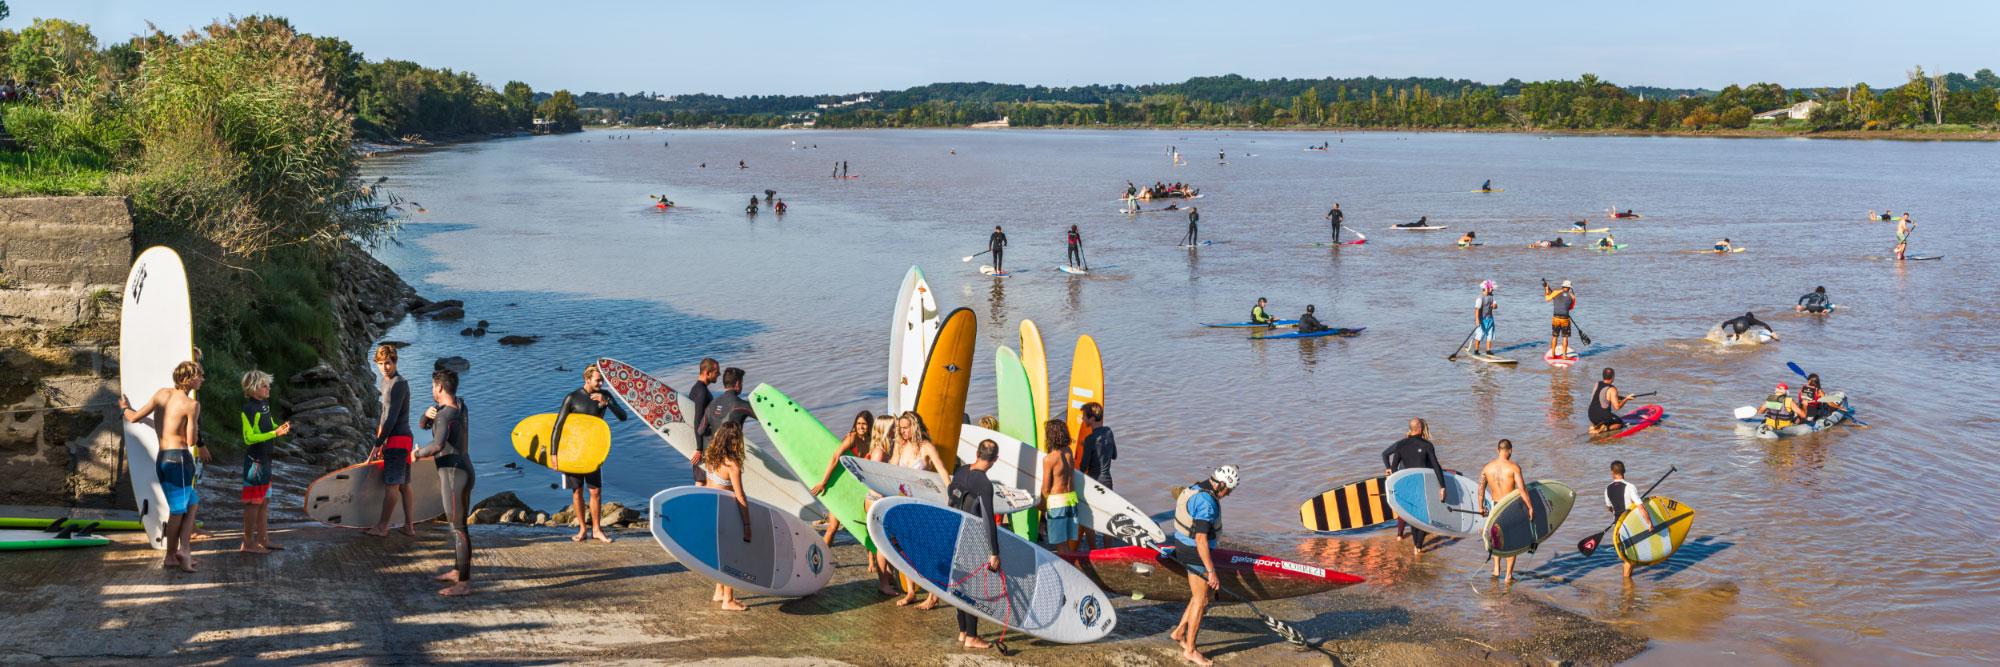 Surfeurs se préparant pour le mascaret sur la Dordogne, Saint-Pardon